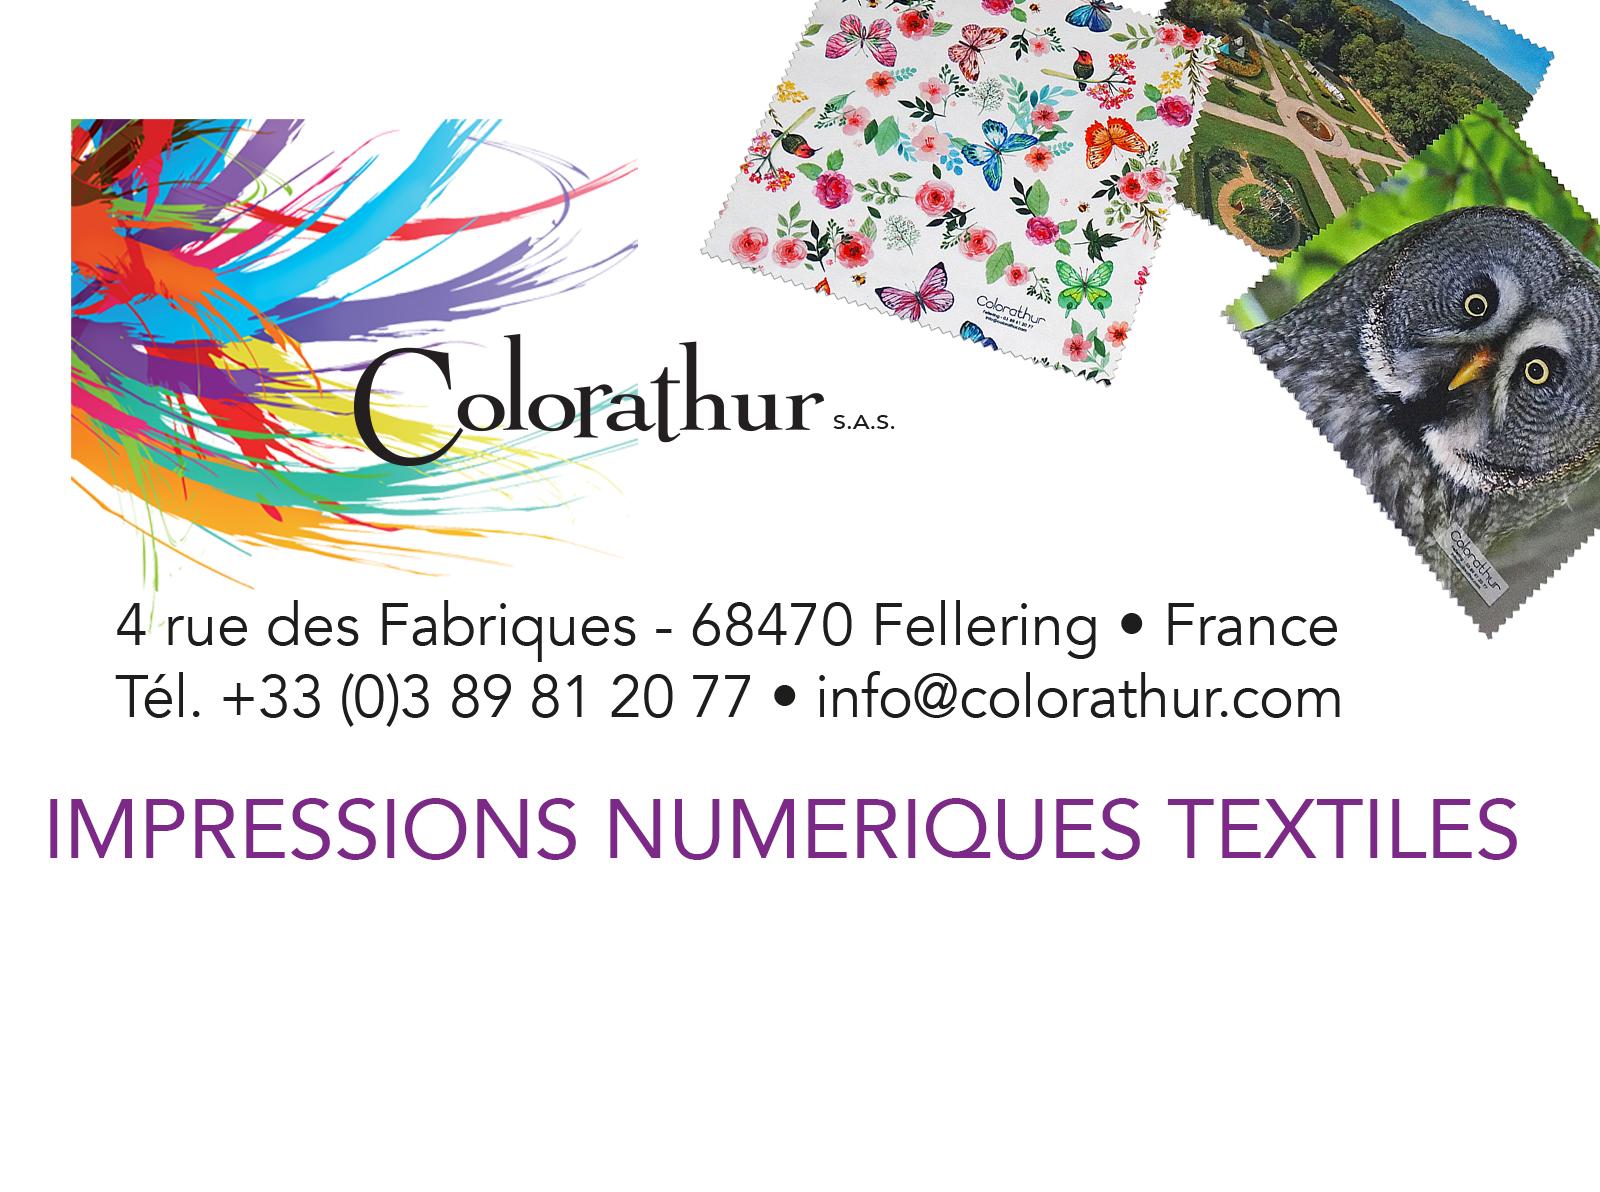 Colorathur Impressions numériques textiles